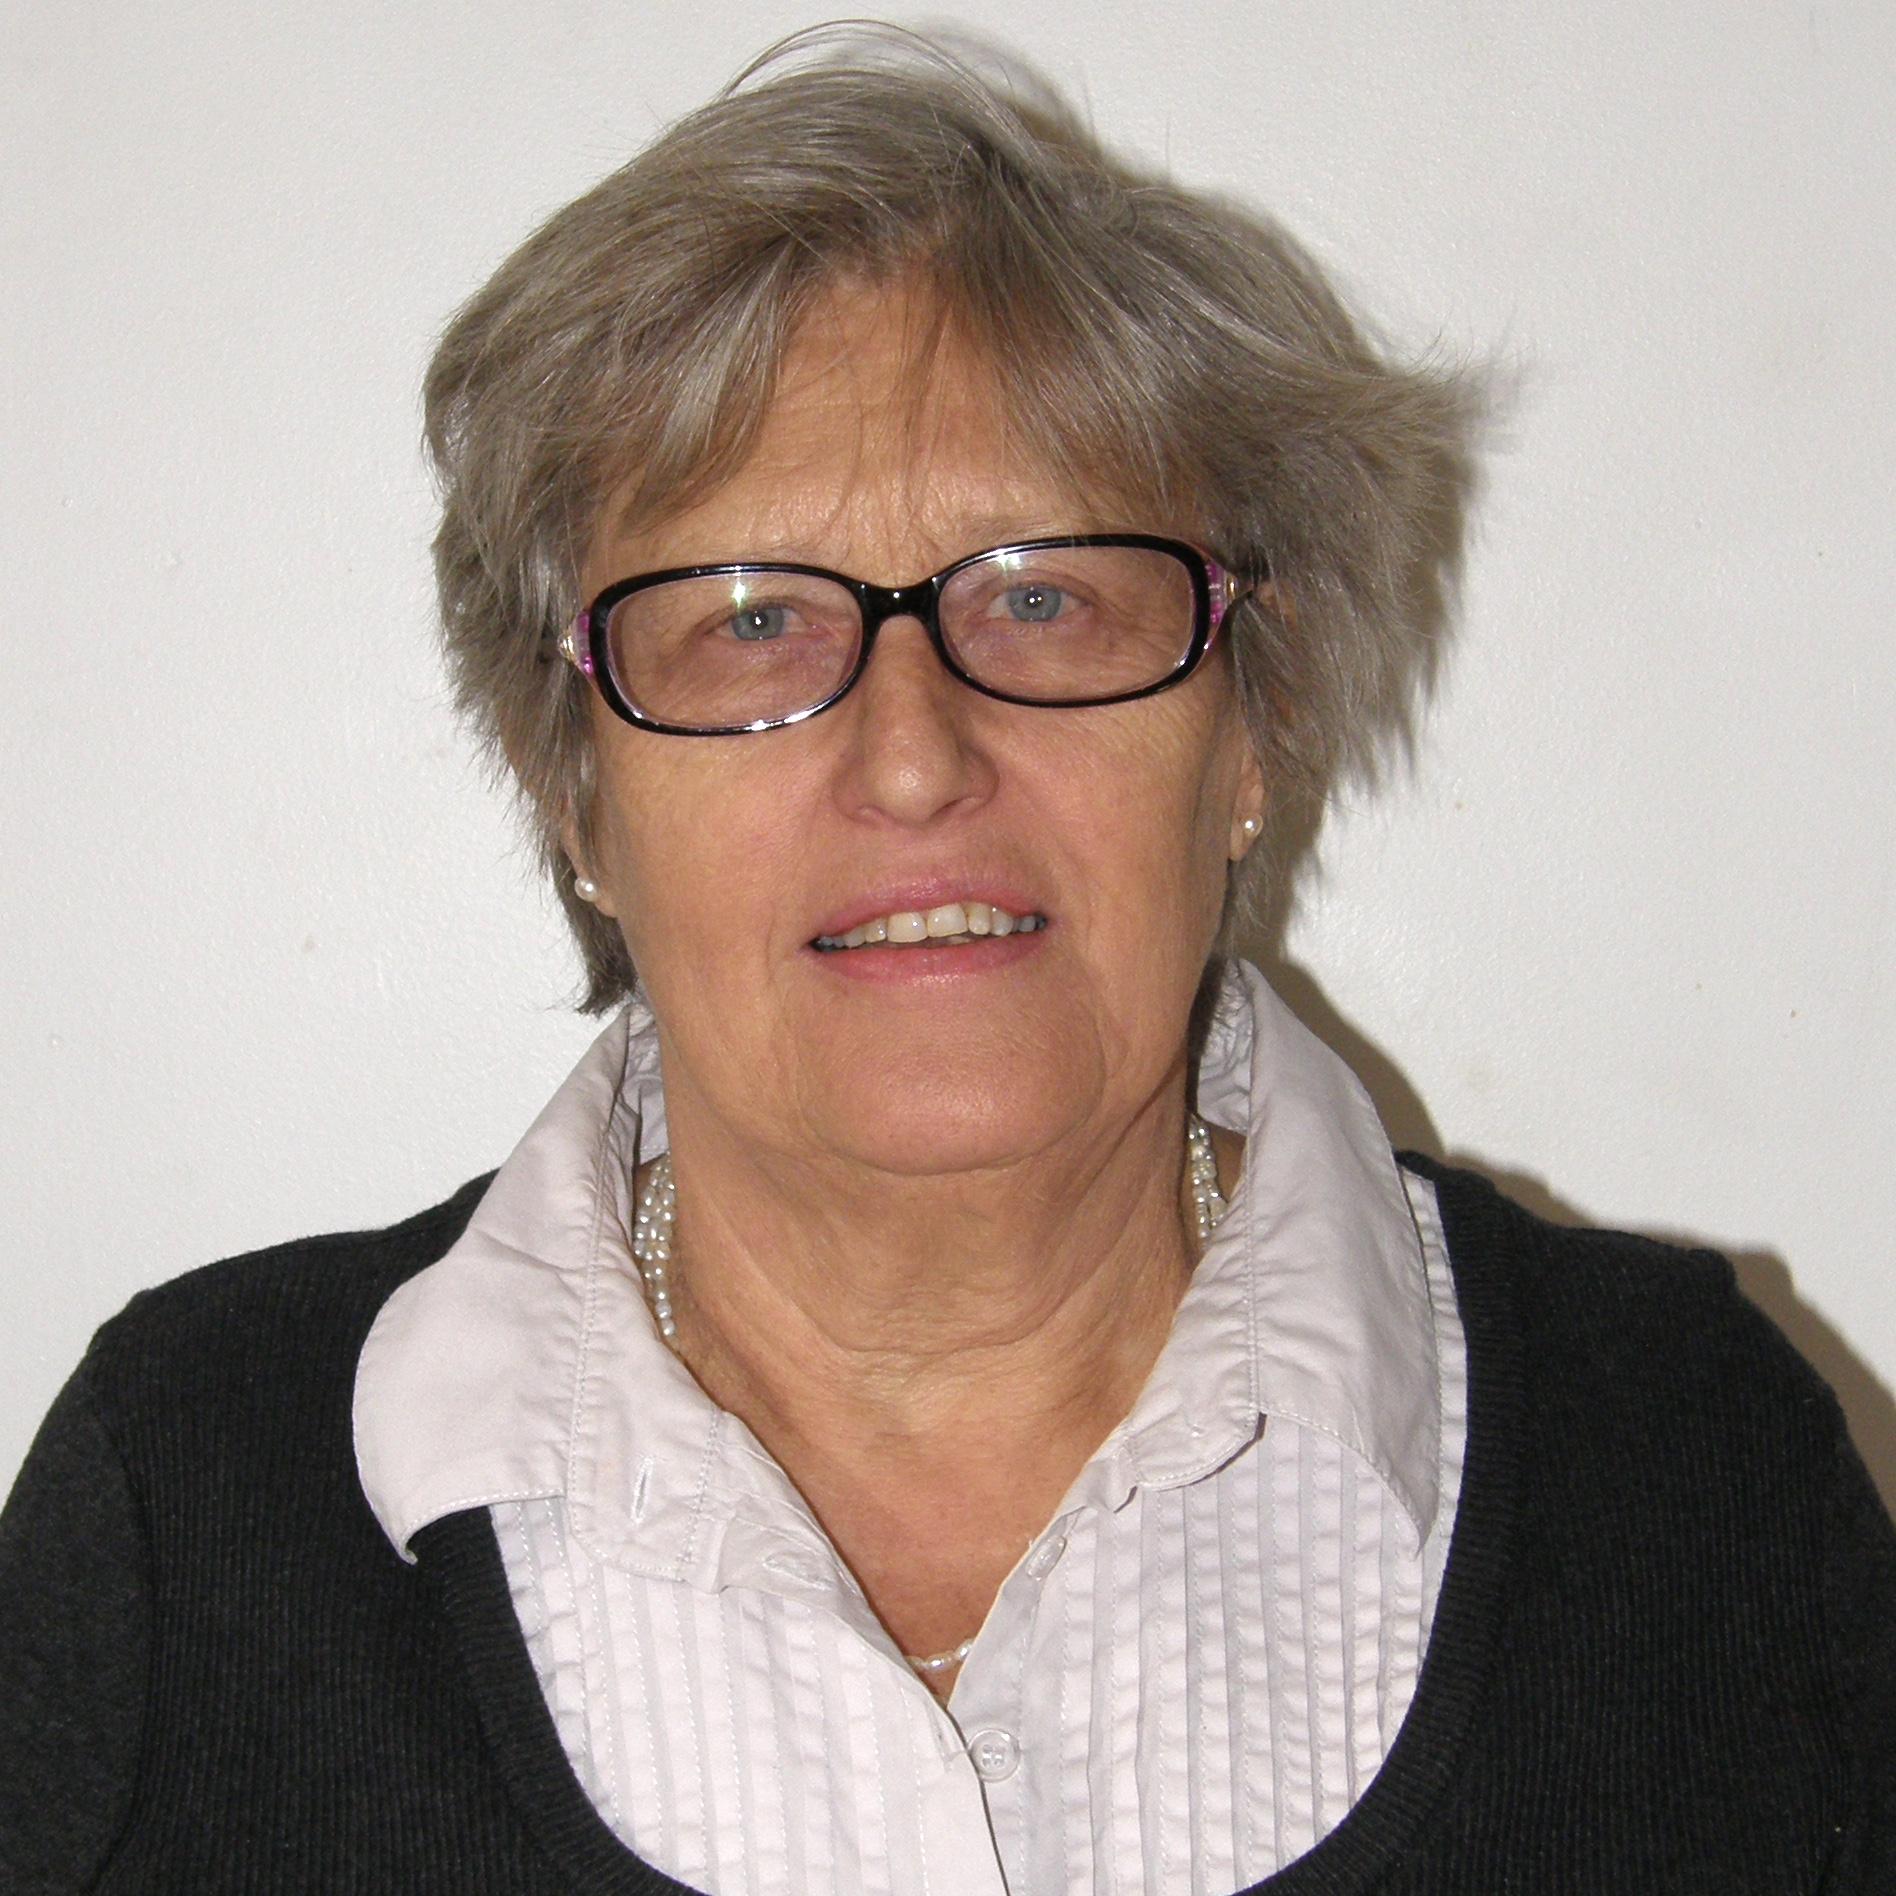 Karmela Krleza-Jeric